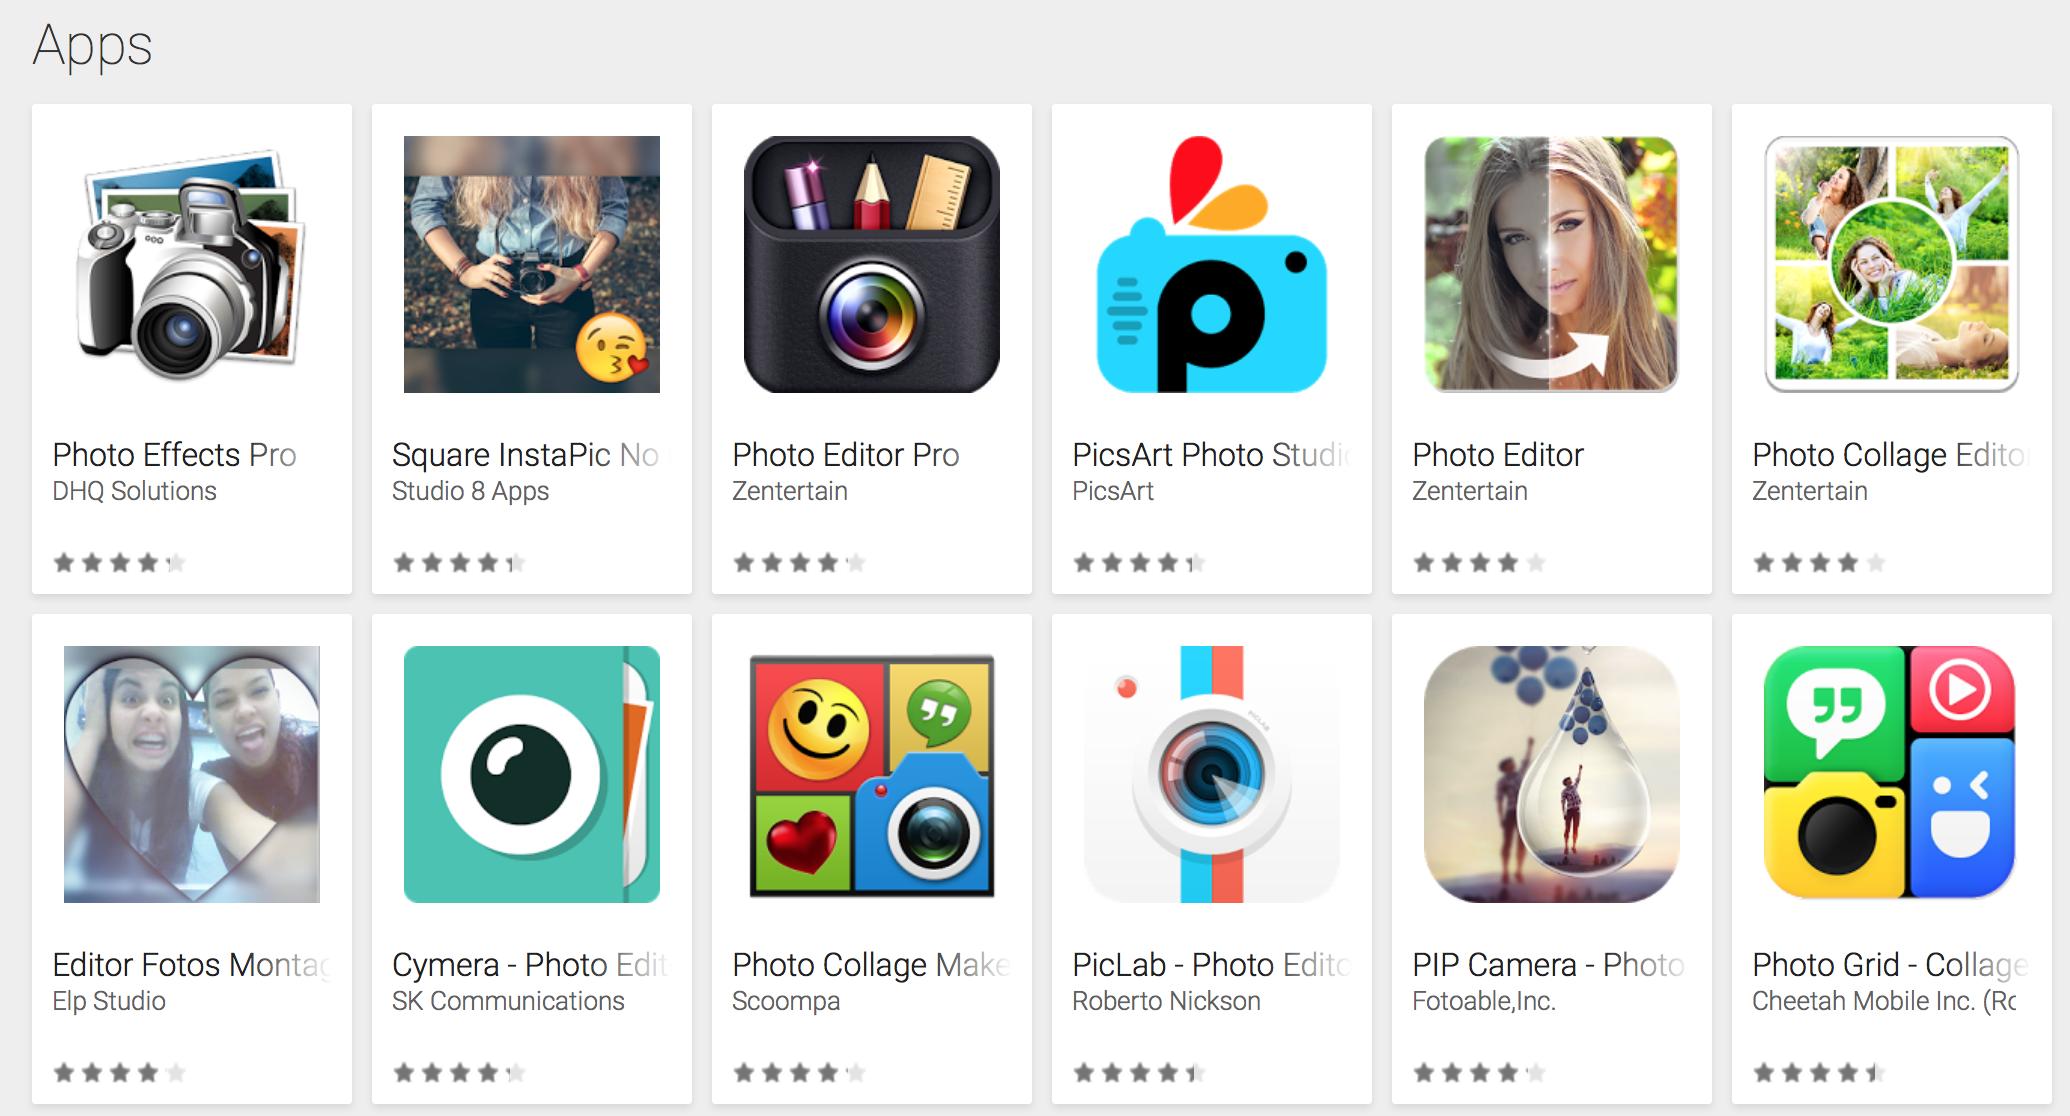 aplicaciones para selfies m s populares del 2016